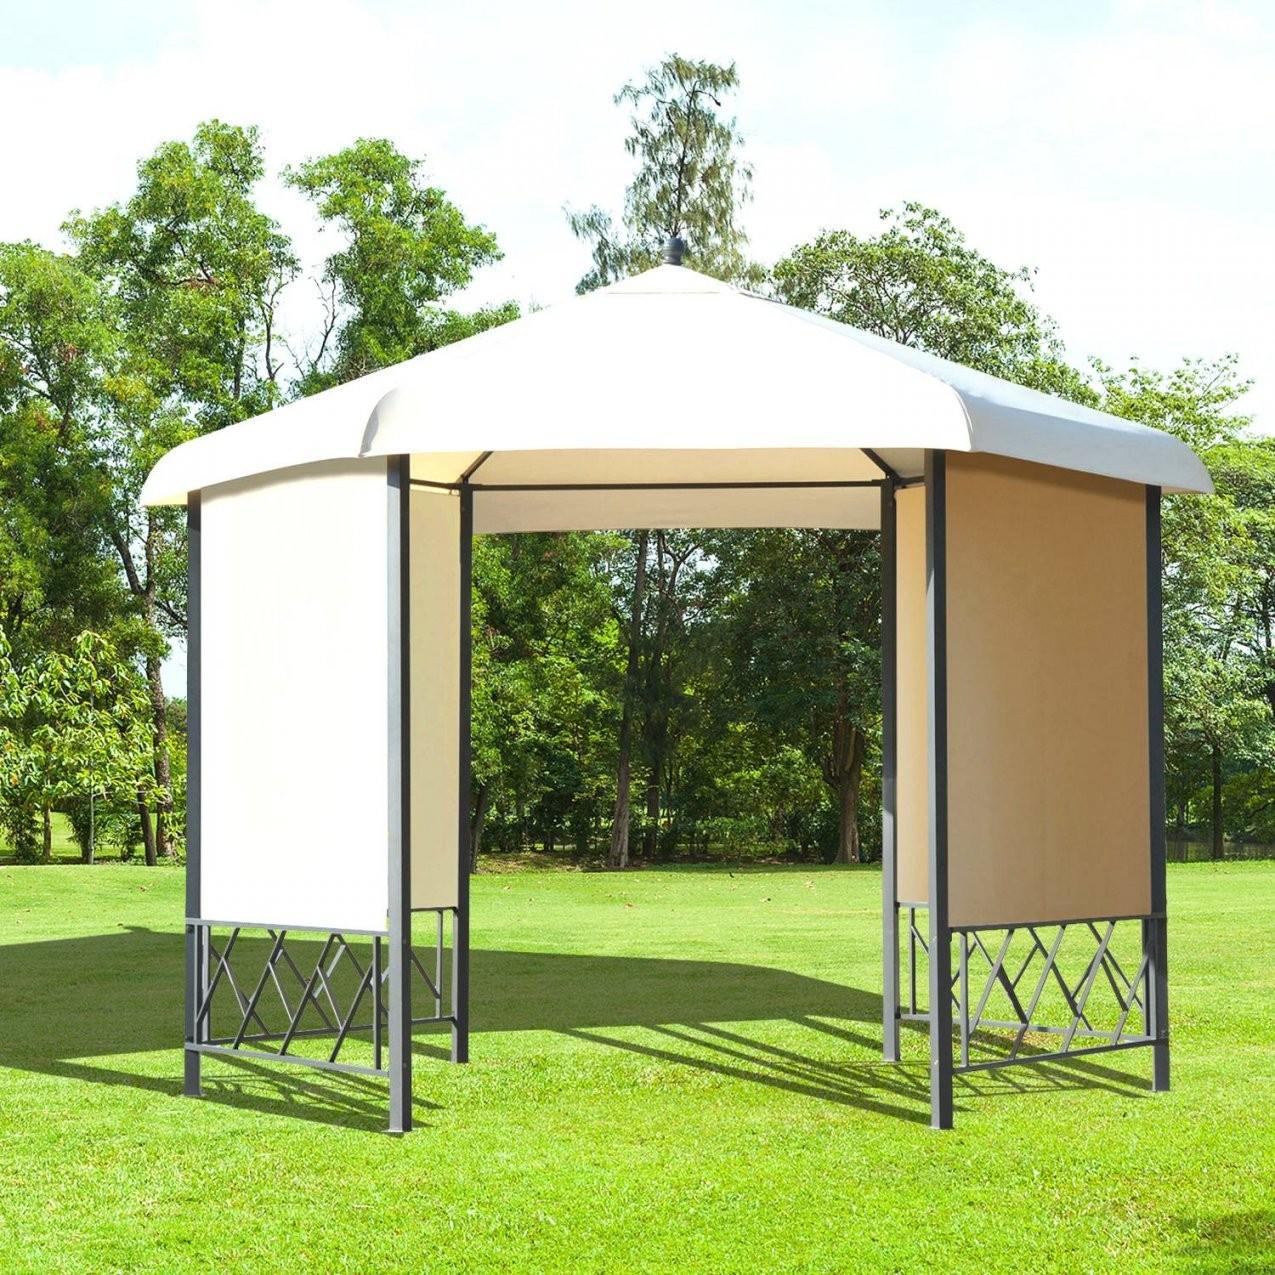 Tolle 40 Holz Pavillon 3X3 Ideen  Einzigartiger Garten von Pavillon 6 Eckig Holz Bild